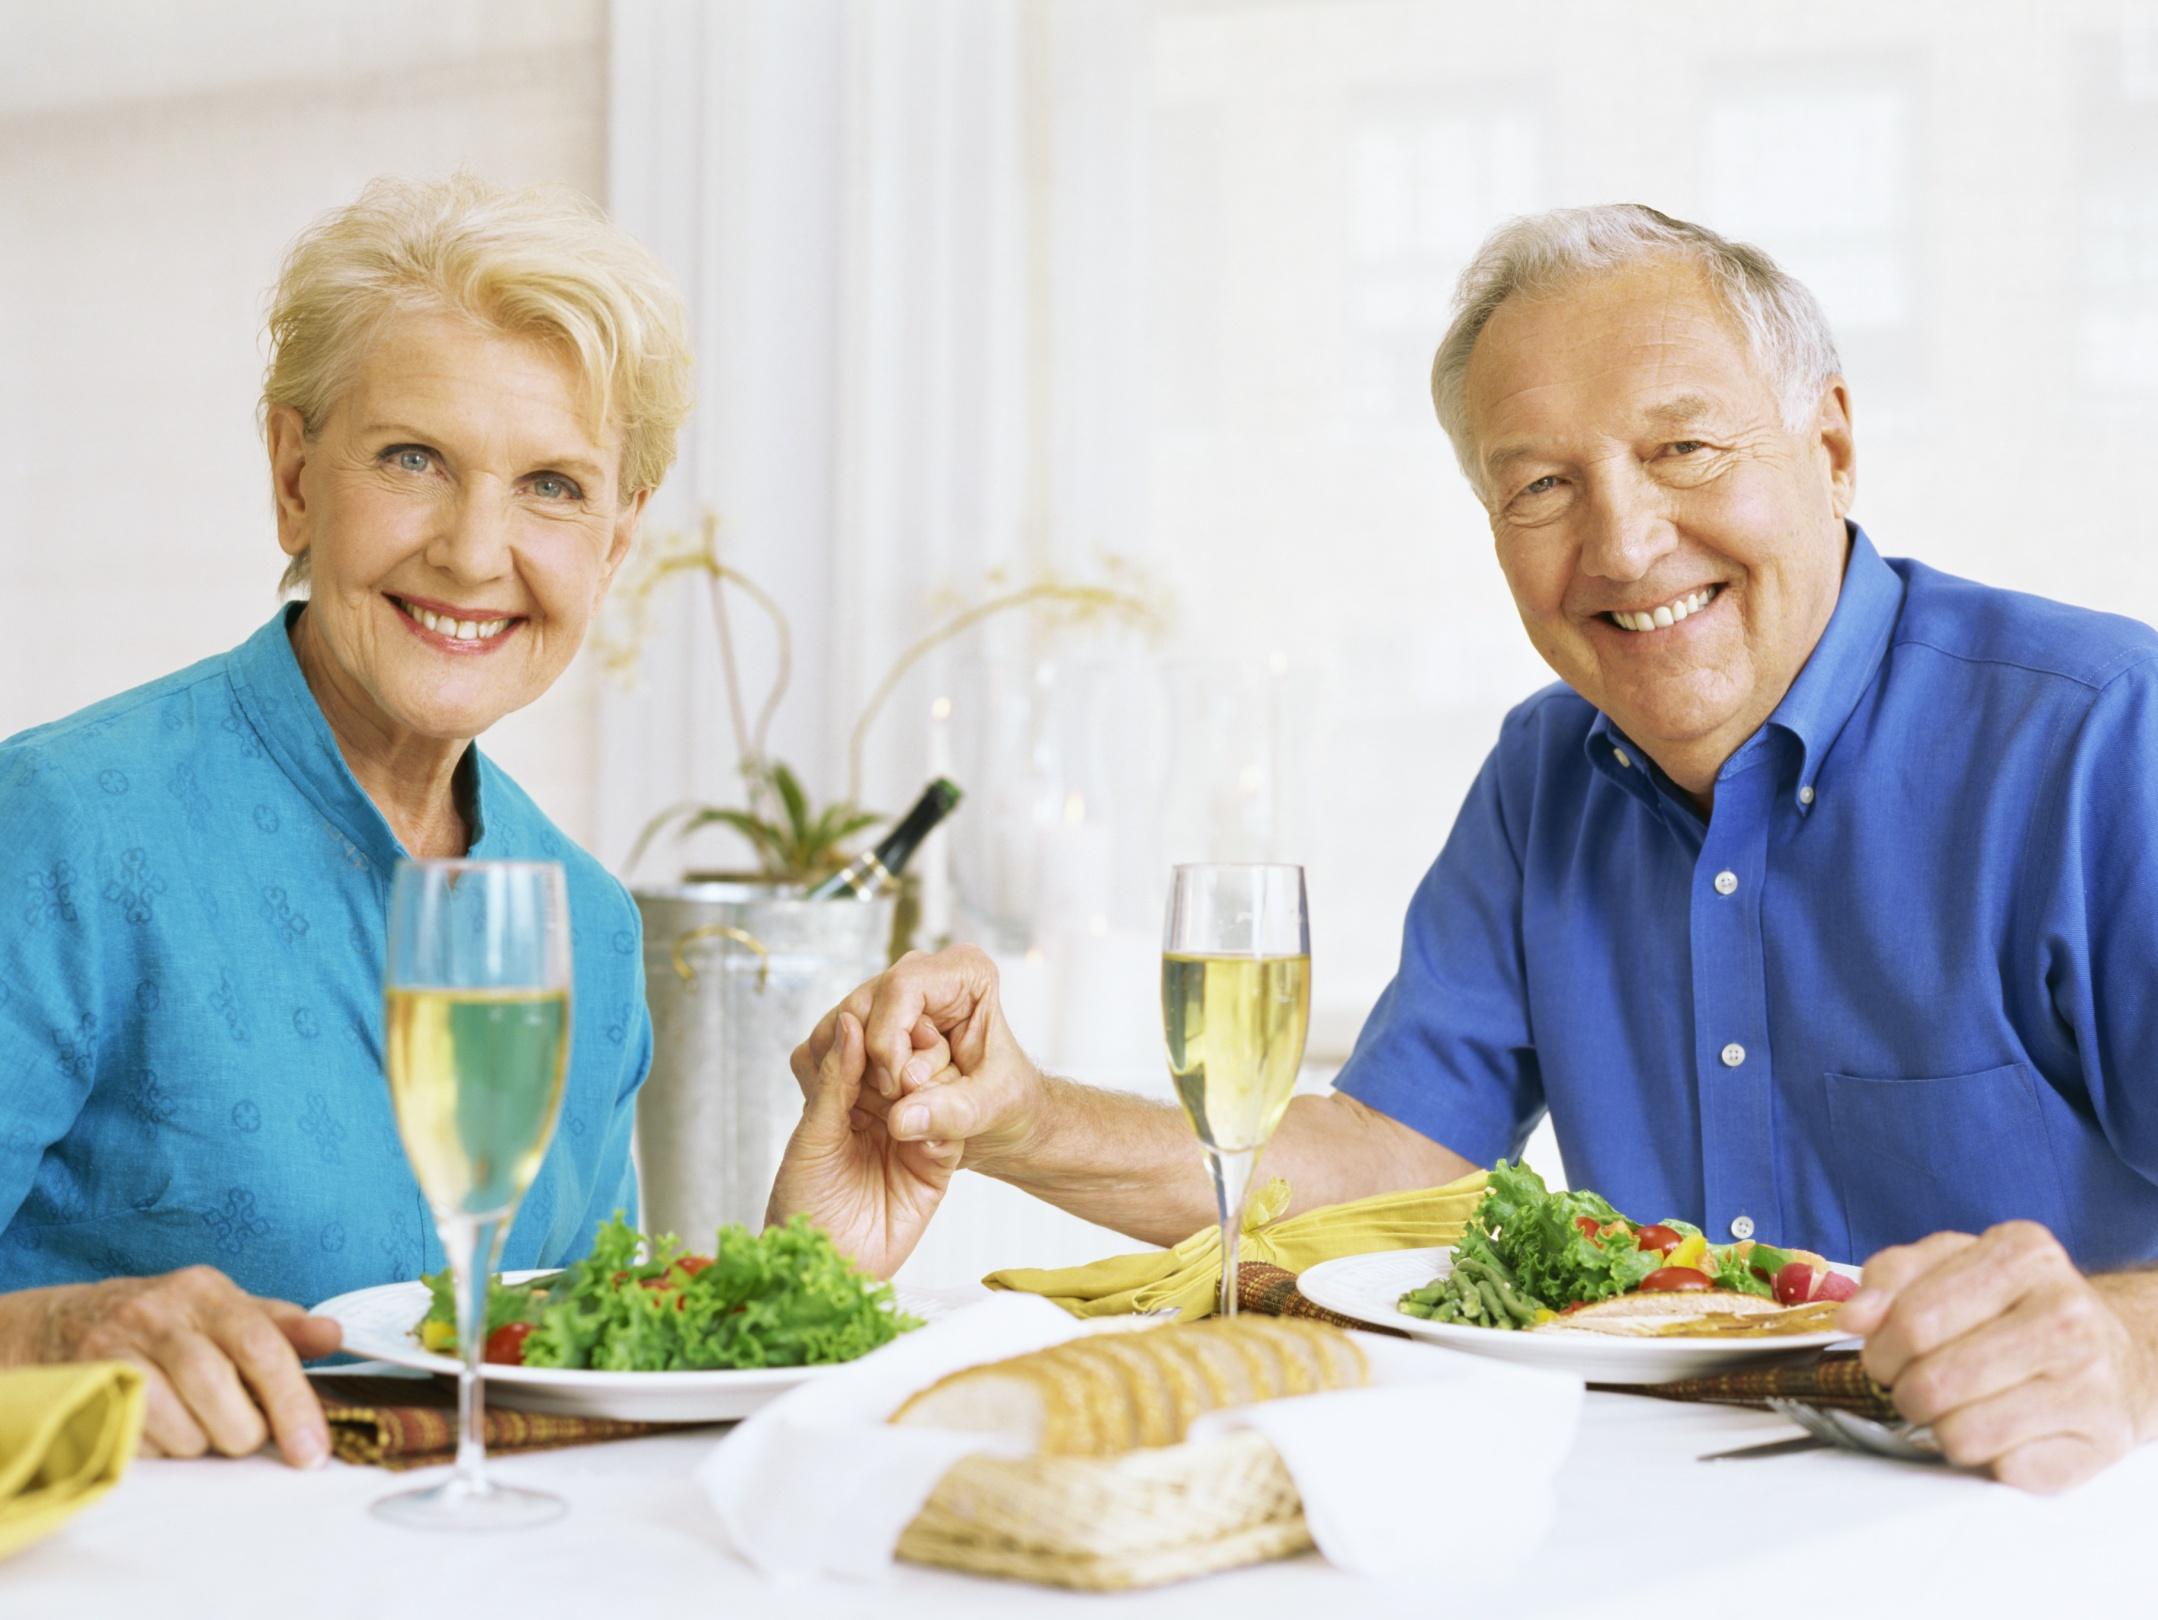 Los abuelos solo pueden sobar - 3 part 2